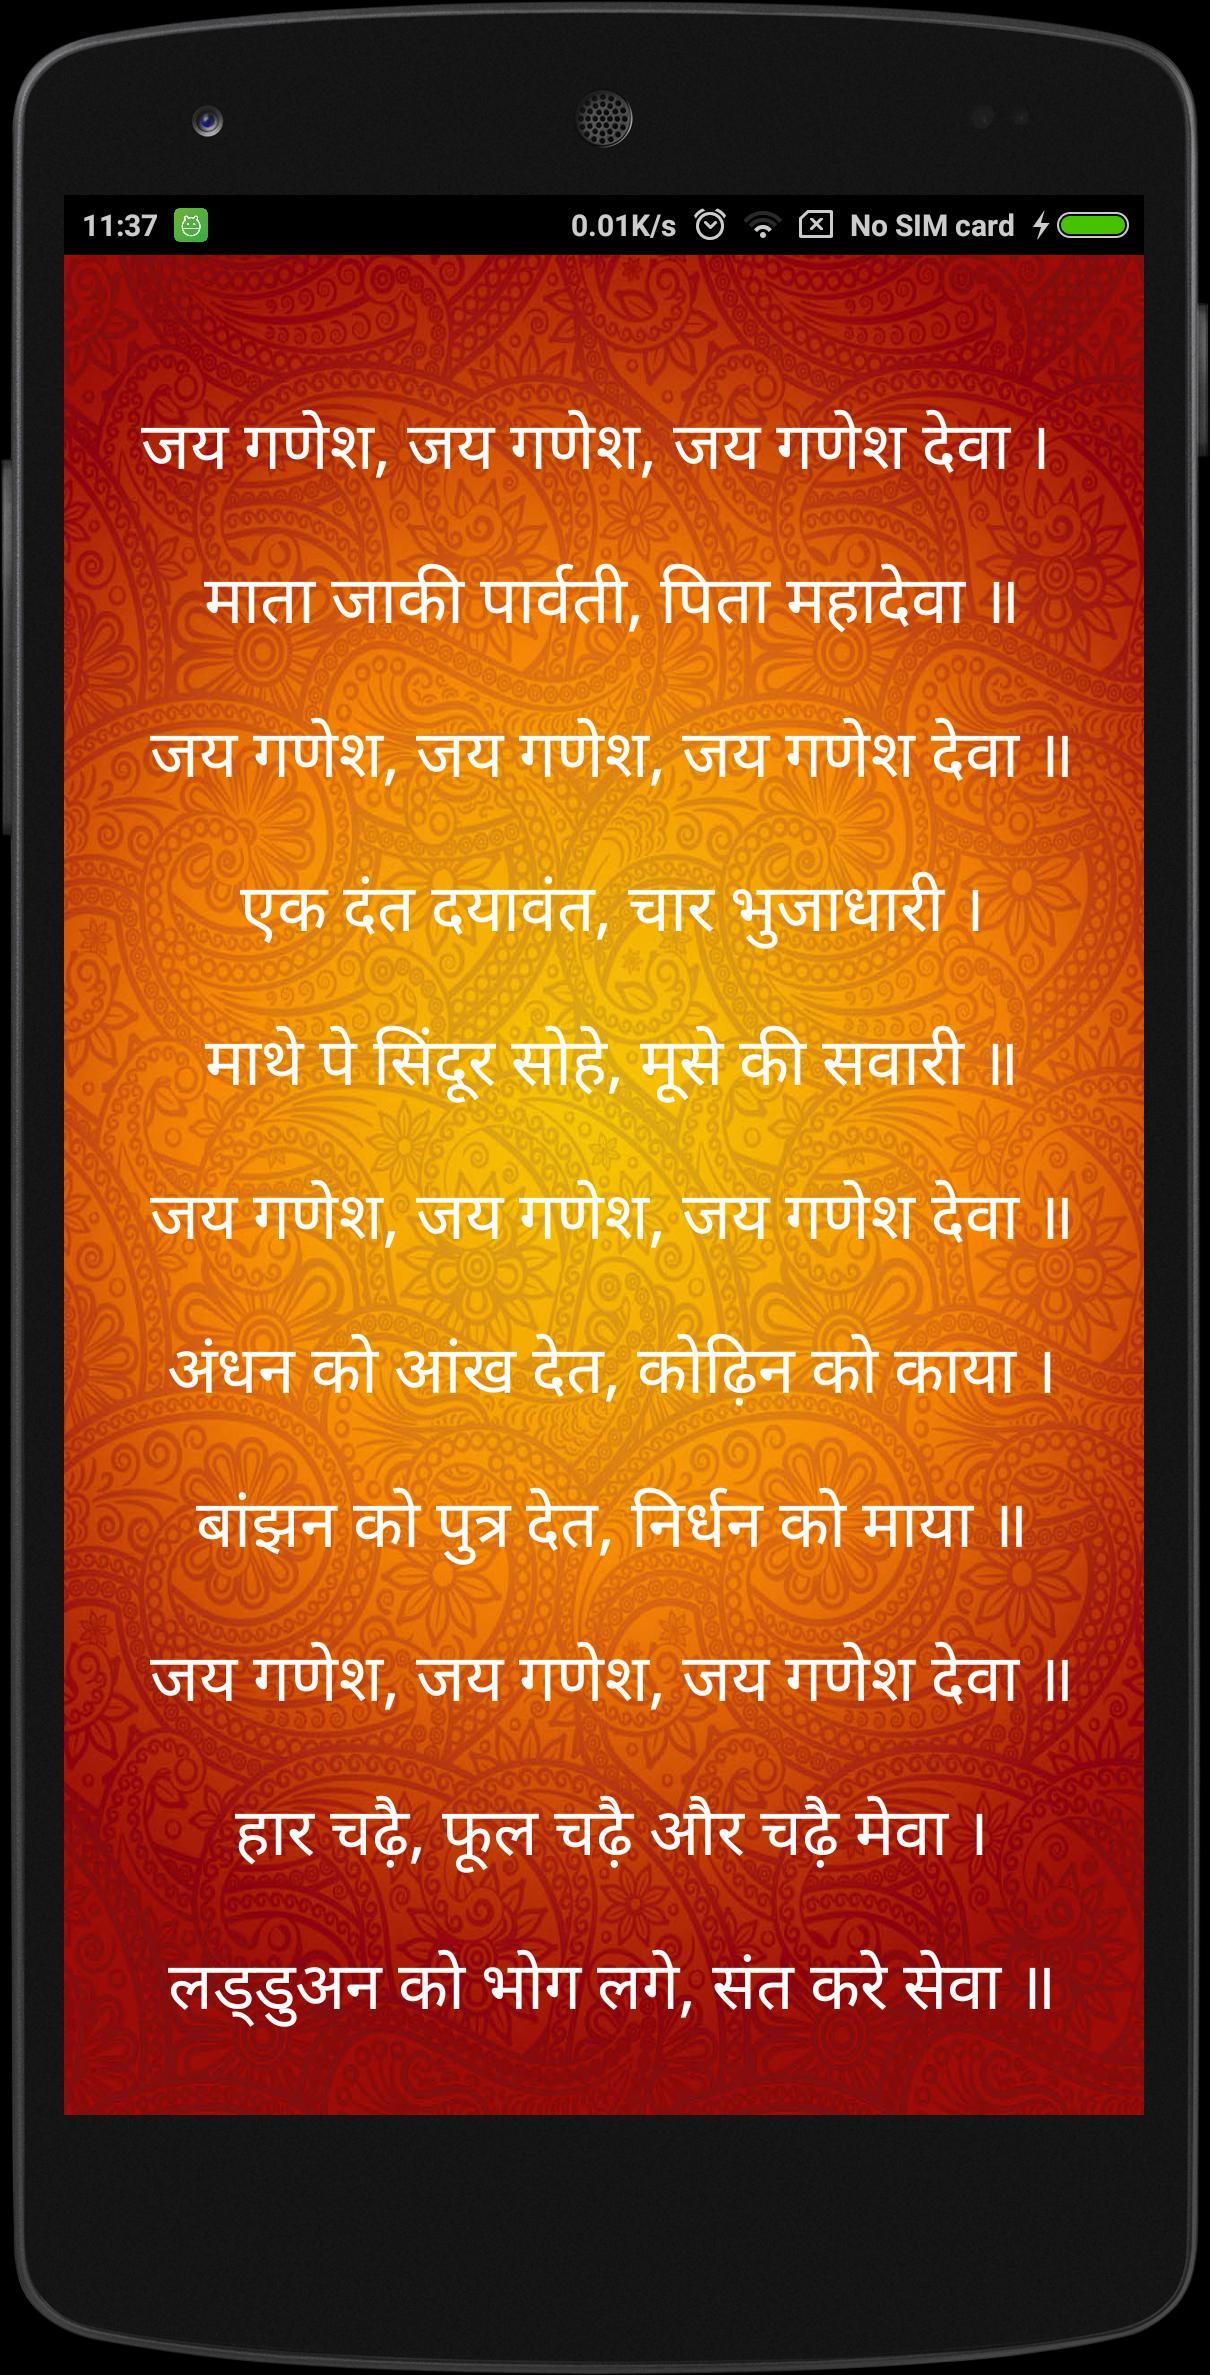 Maa lakshmi aarti free mp3 download.